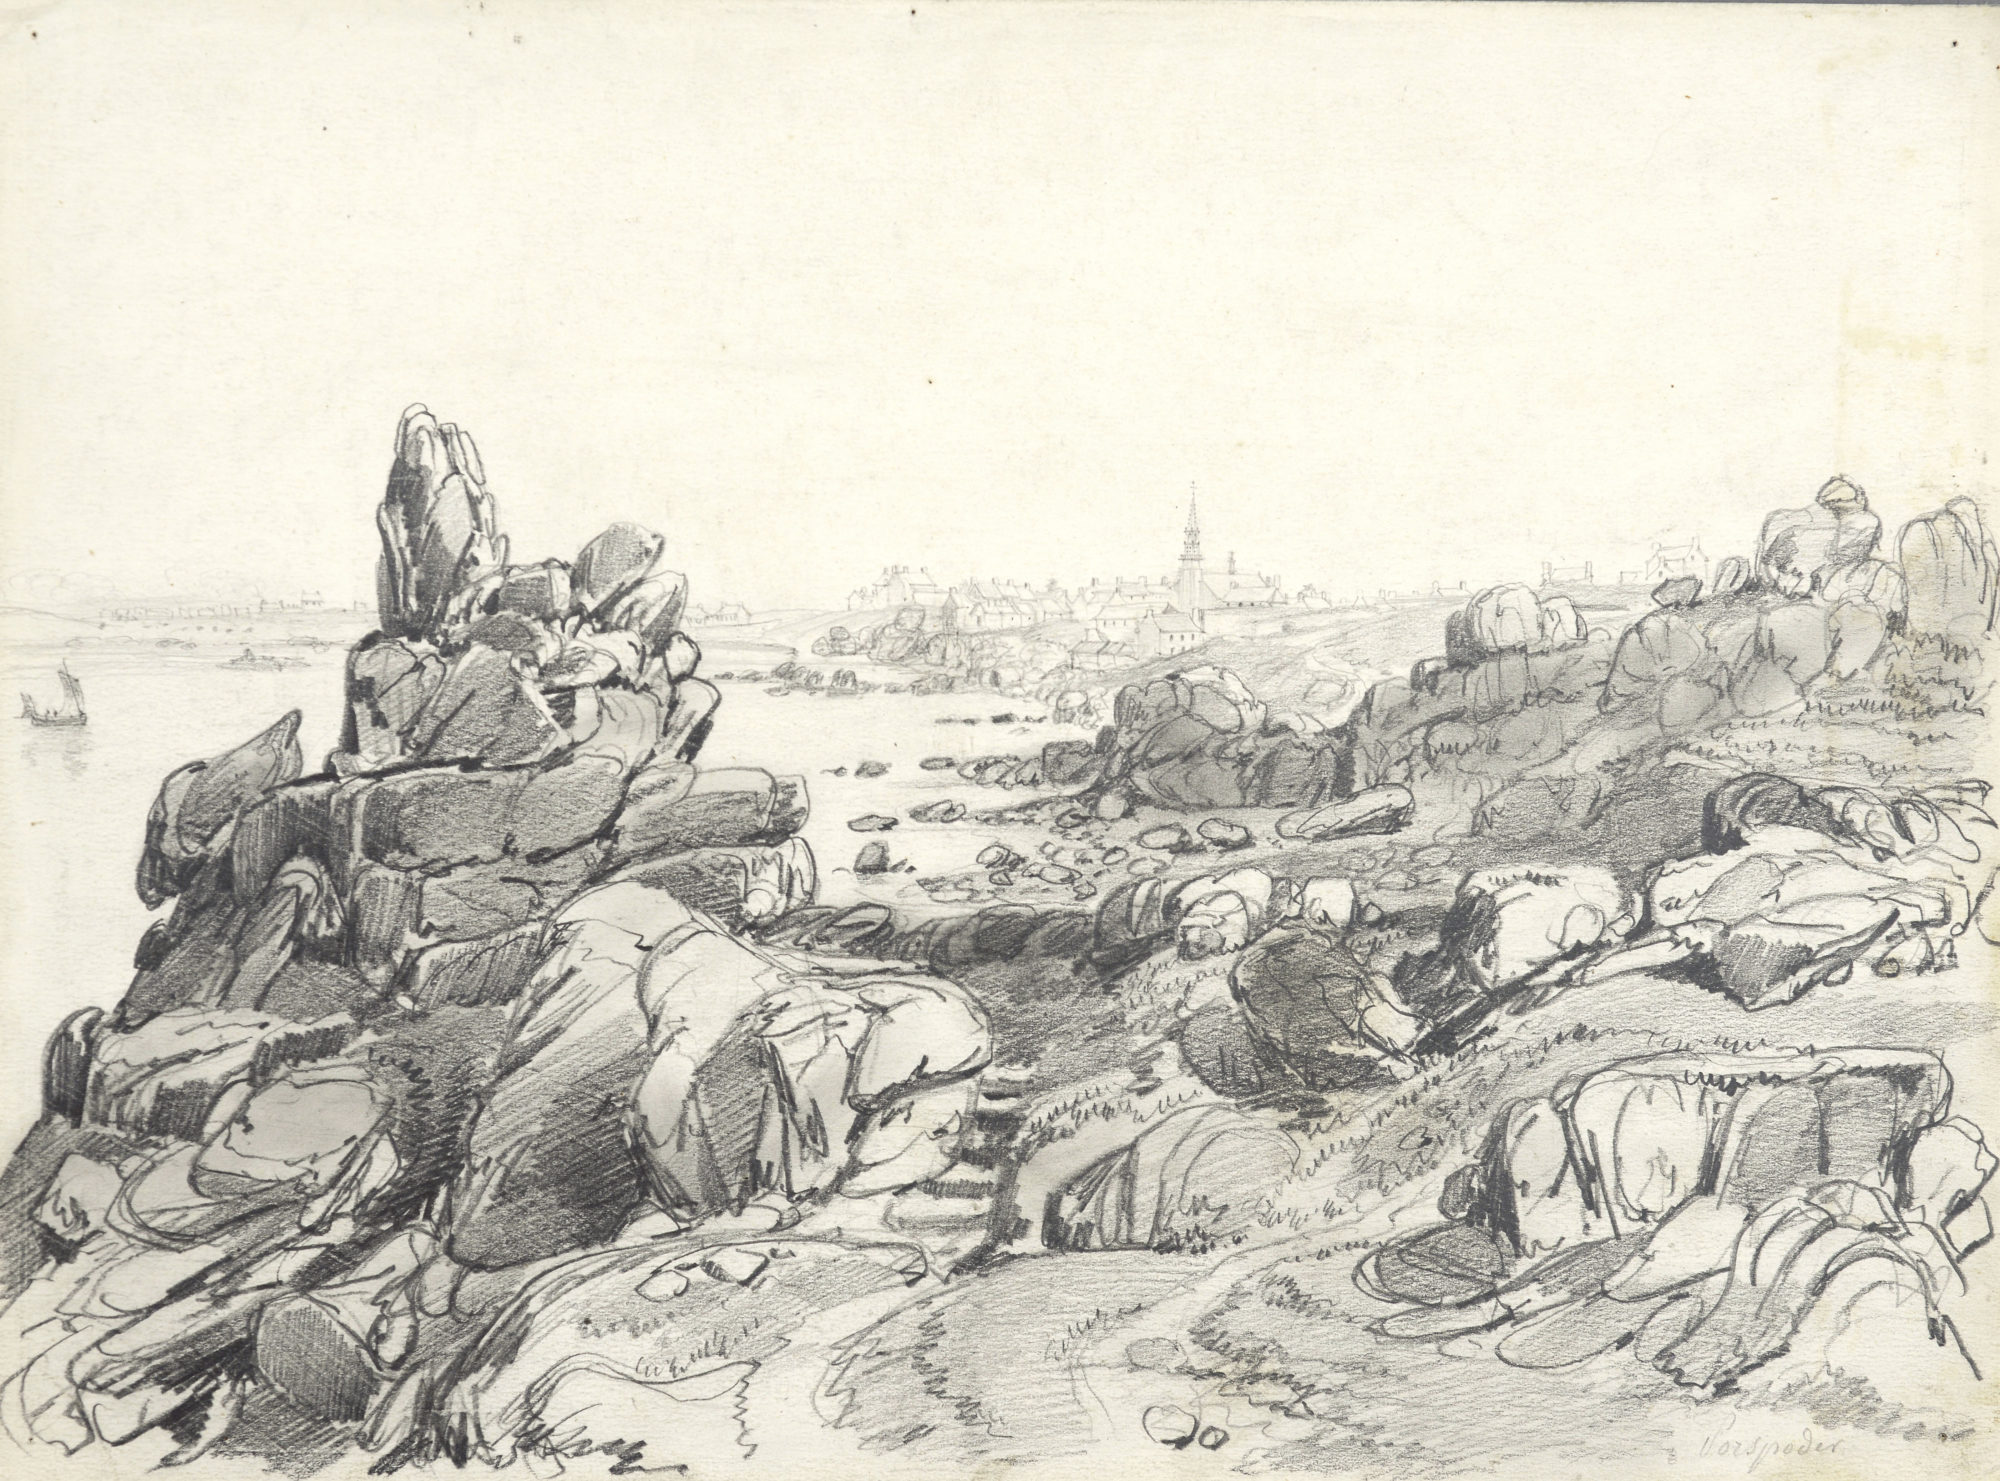 Le Phare de Ploumanac'h et les 7 îles, dessin à la mine de plomb sur papier vélin gris, H. 23,6 ; L. 31,8, © Collection musée d'art et d'histoire, Ville de Saint-Brieuc